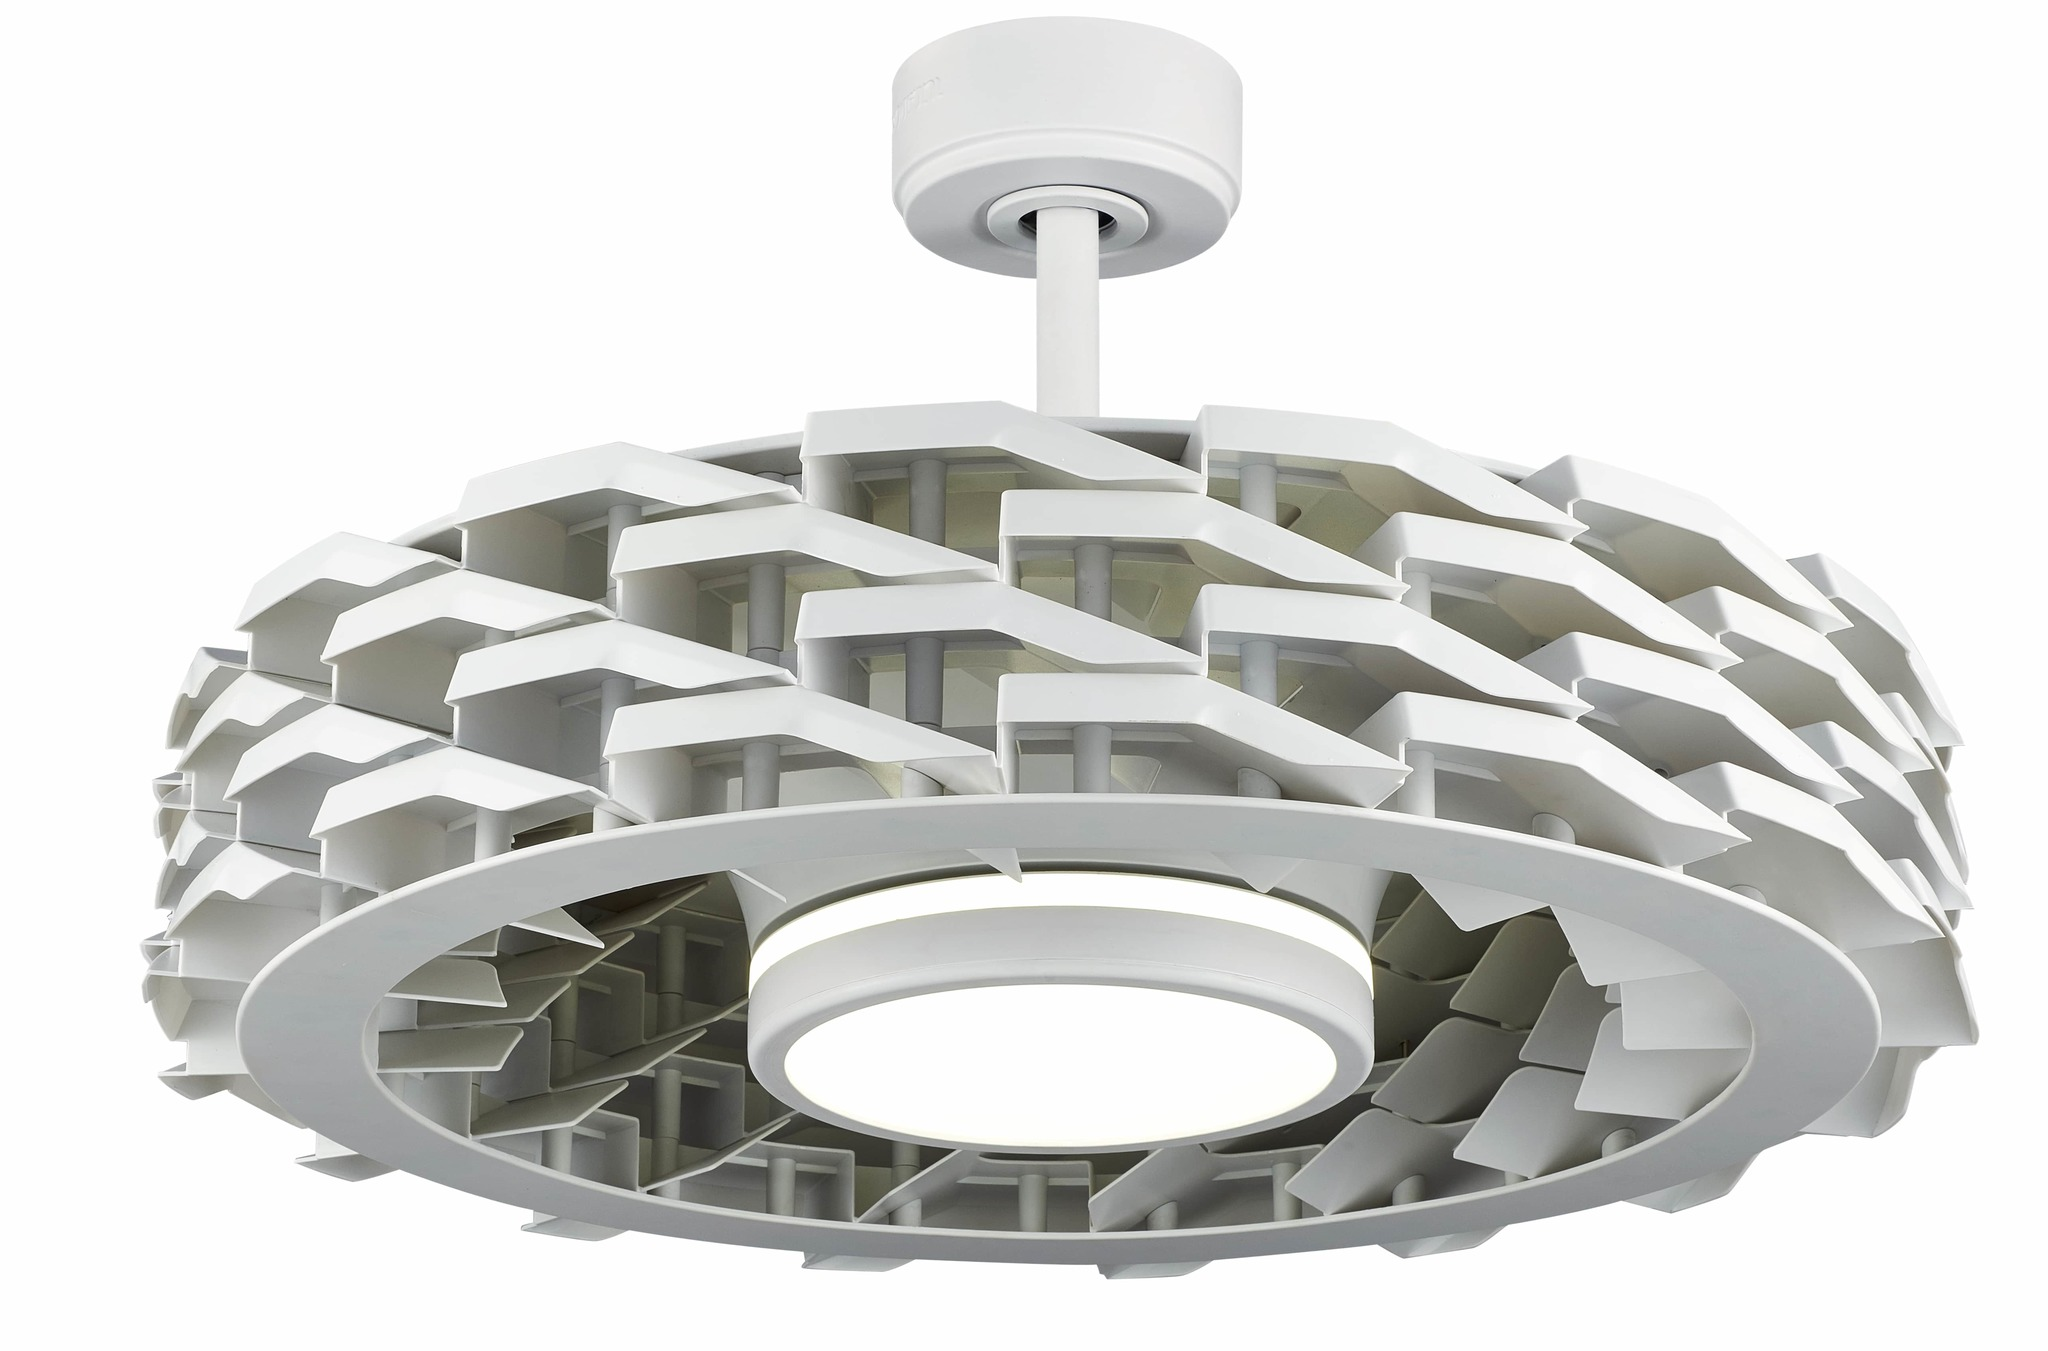 Uso del ventilador de techo en invierno | Blog de Iluminación